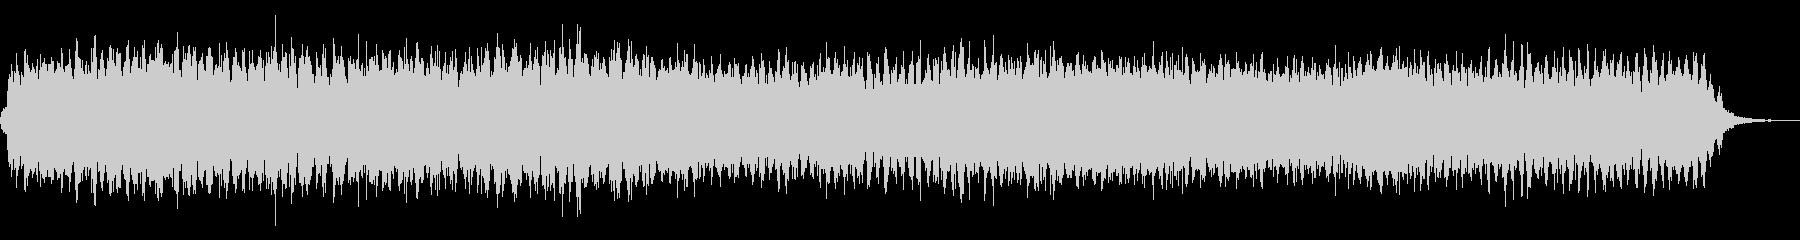 背景音 スリル 3の未再生の波形